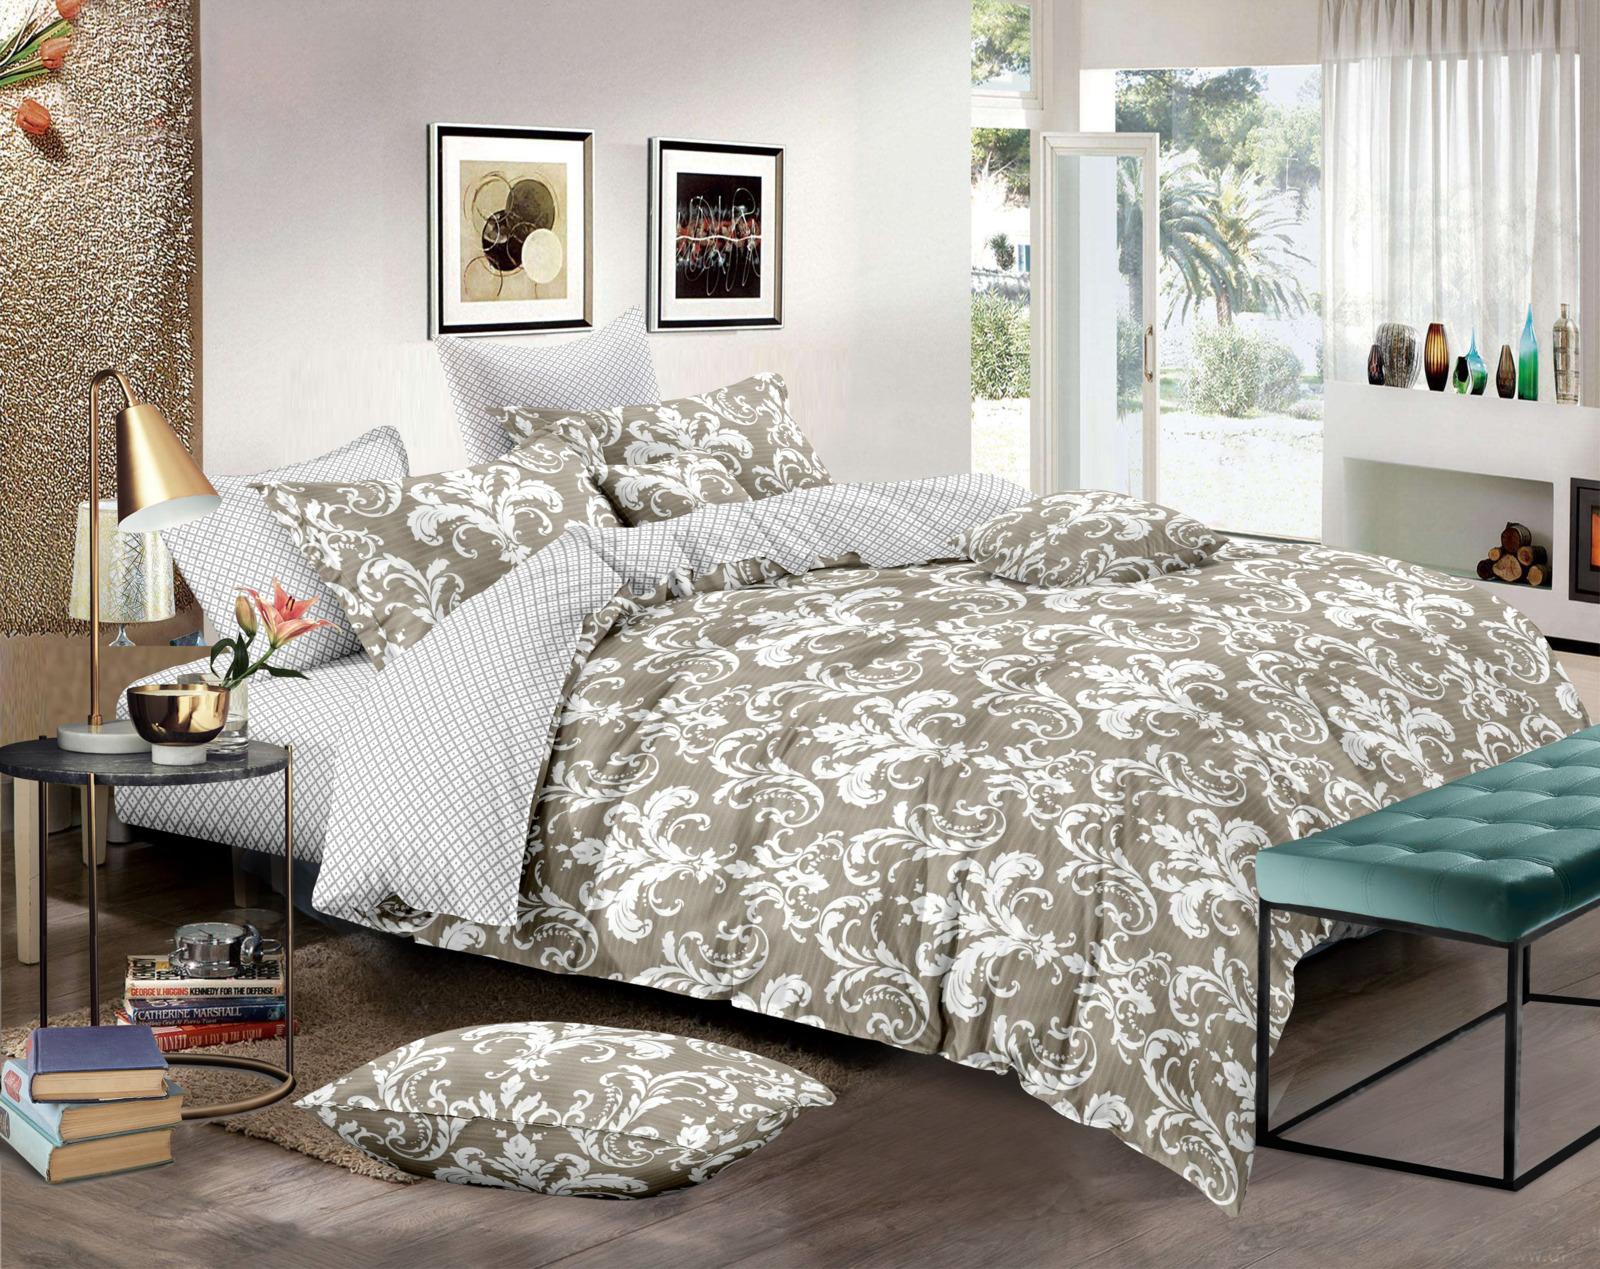 Комплект постельного белья Amore Mio Gold Bonnie, 7846, бежевый, 2-спальный, наволочки 70x70